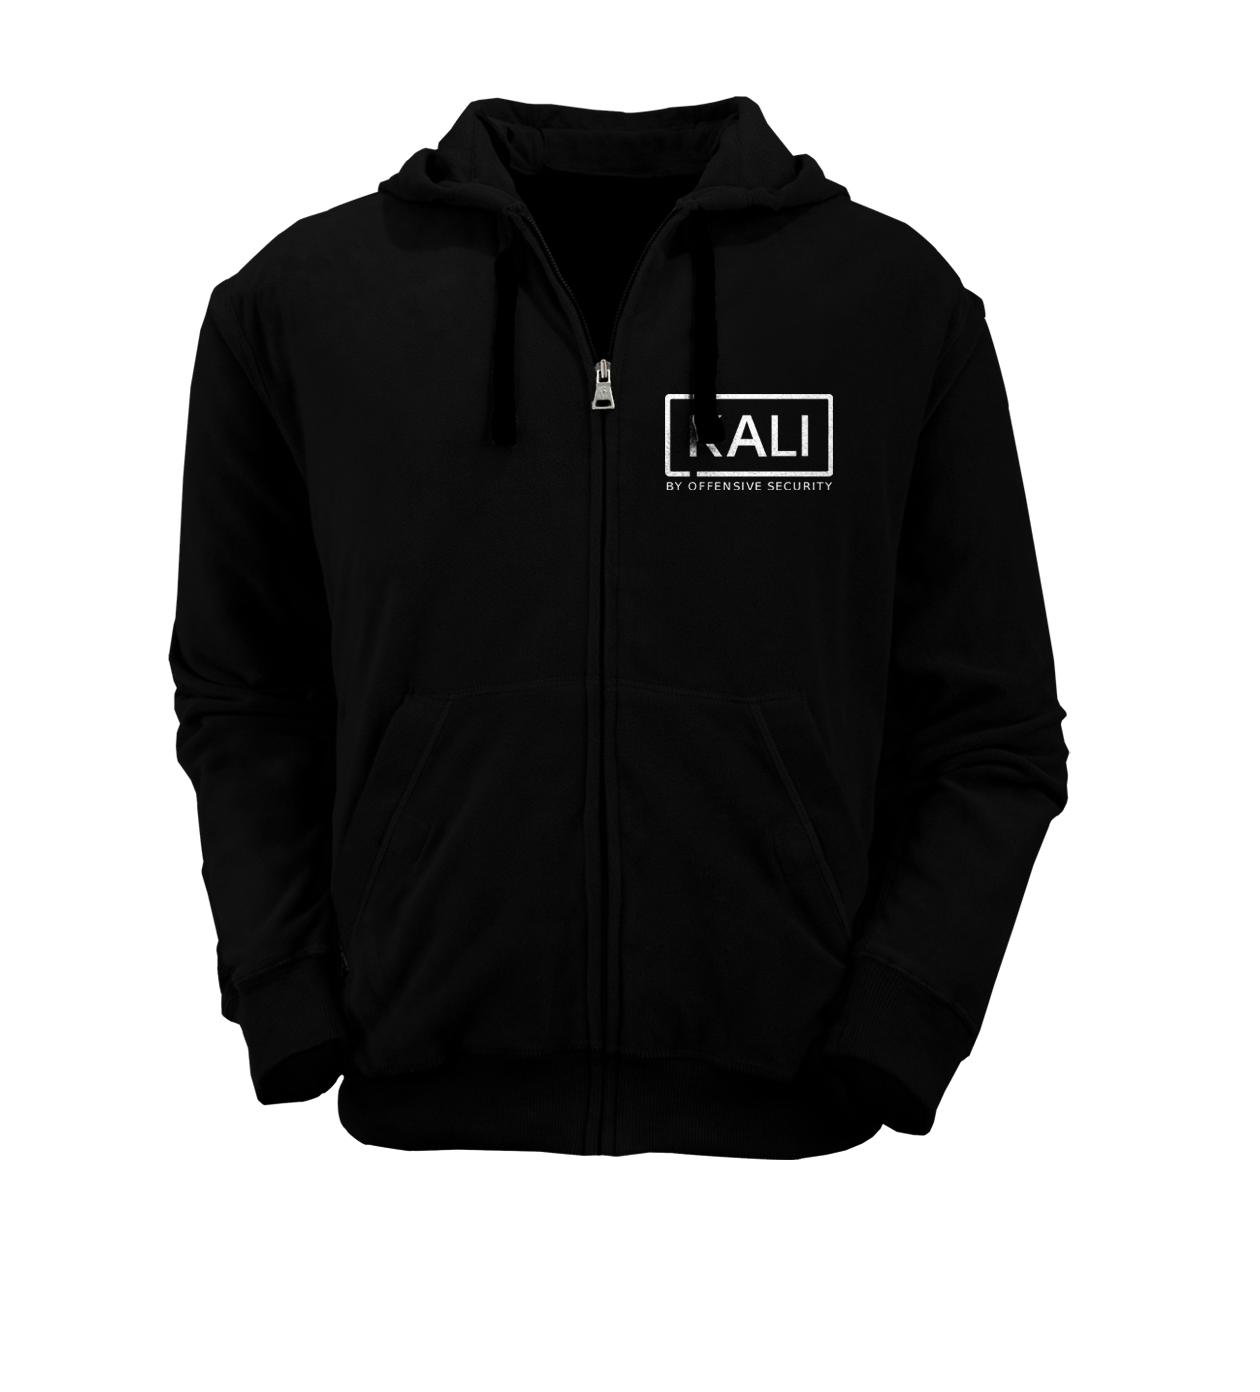 [PRE ORDER] Hoodie Zipper Kali Linux 1